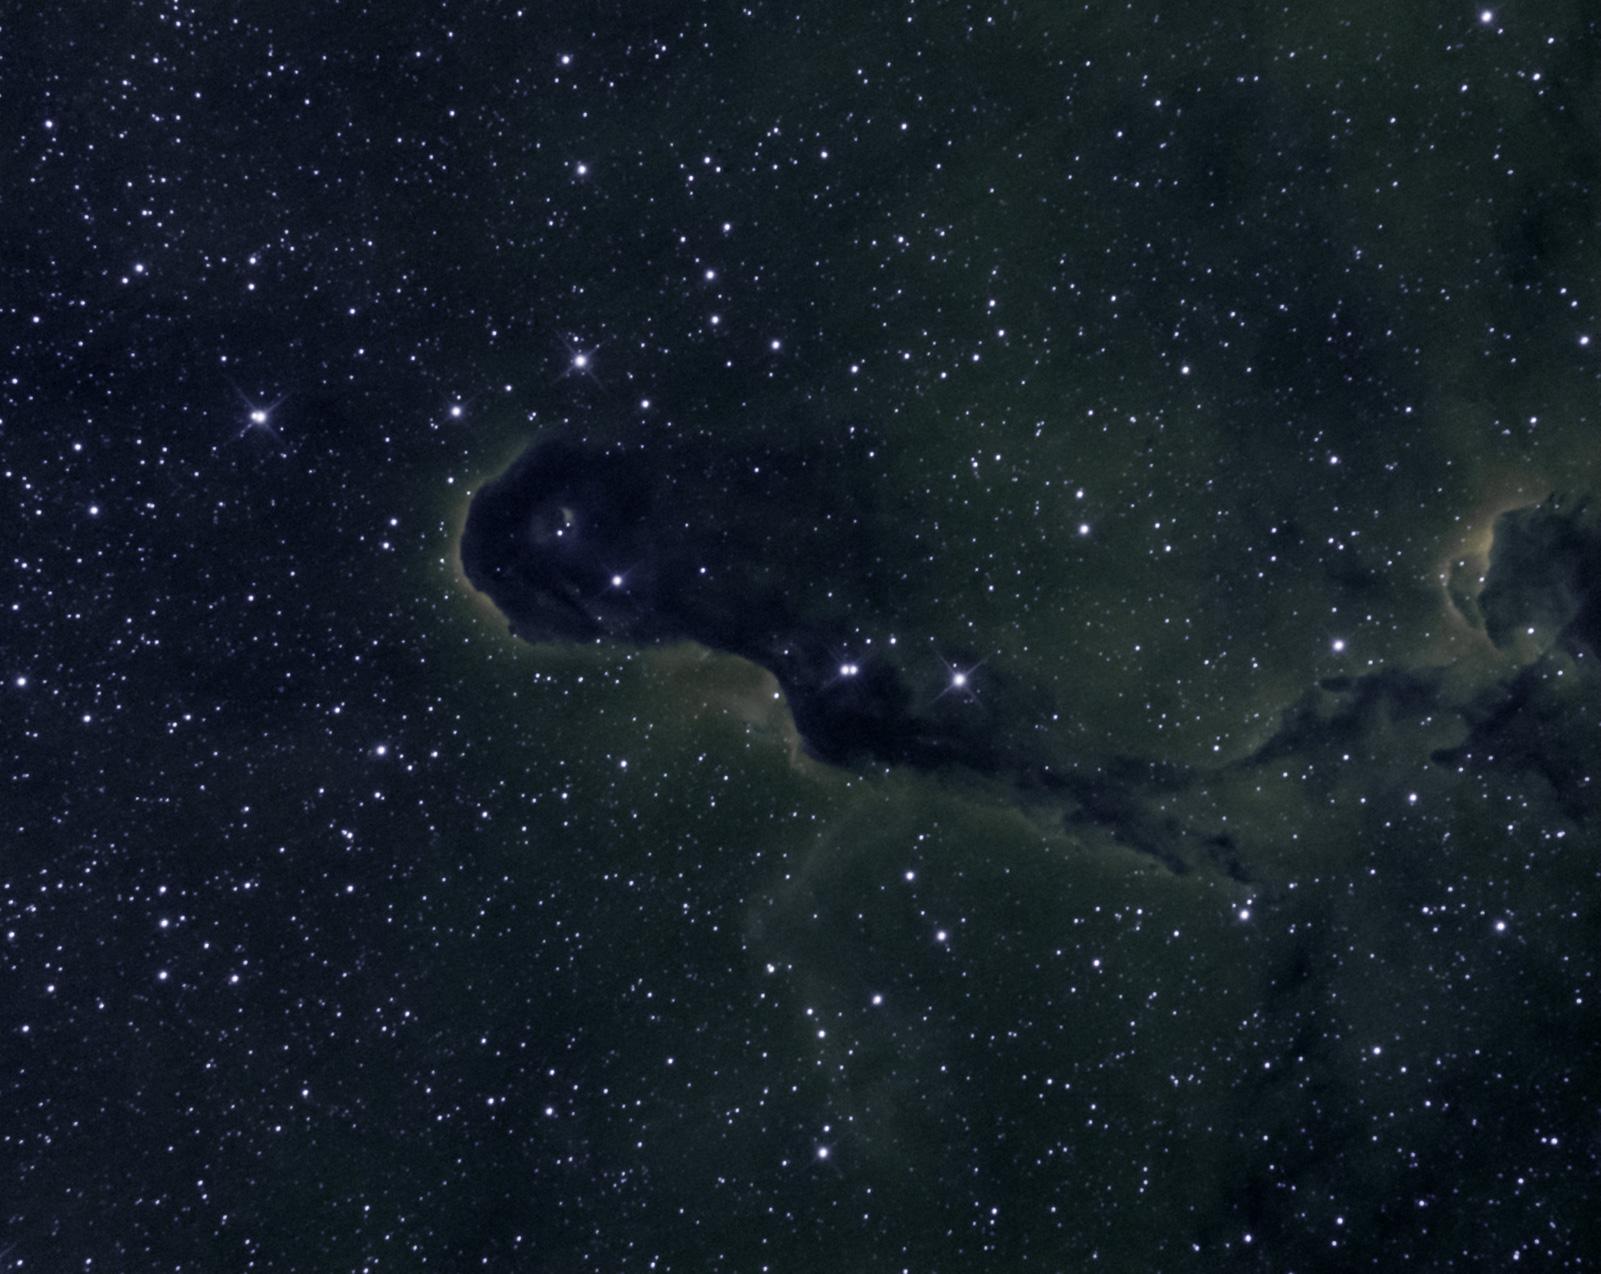 IC1396 Elephant's Trunk Nebula